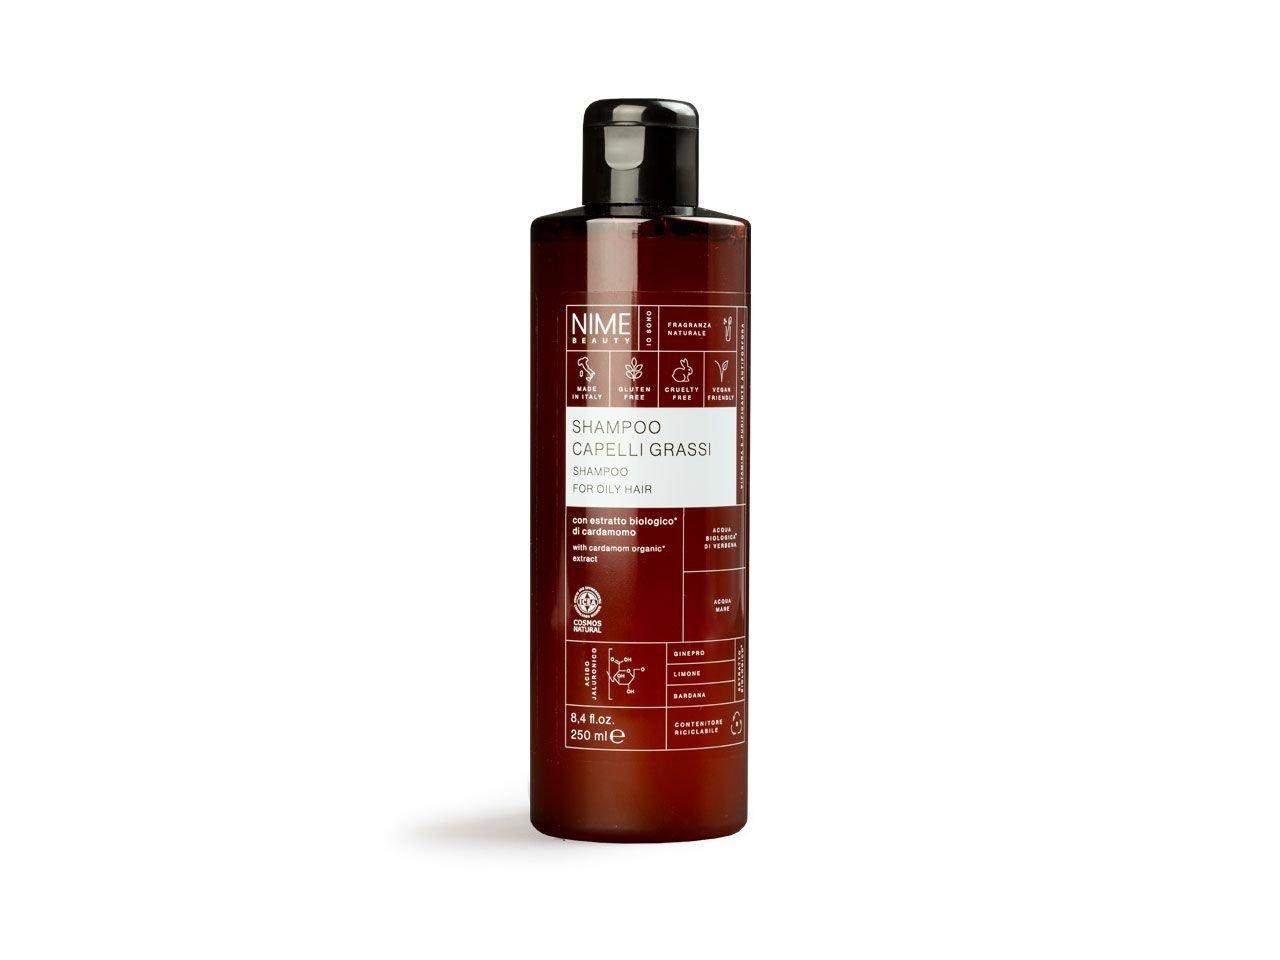 Shampoo Capelli Grassi con estratto biologico di cardamomo - v2